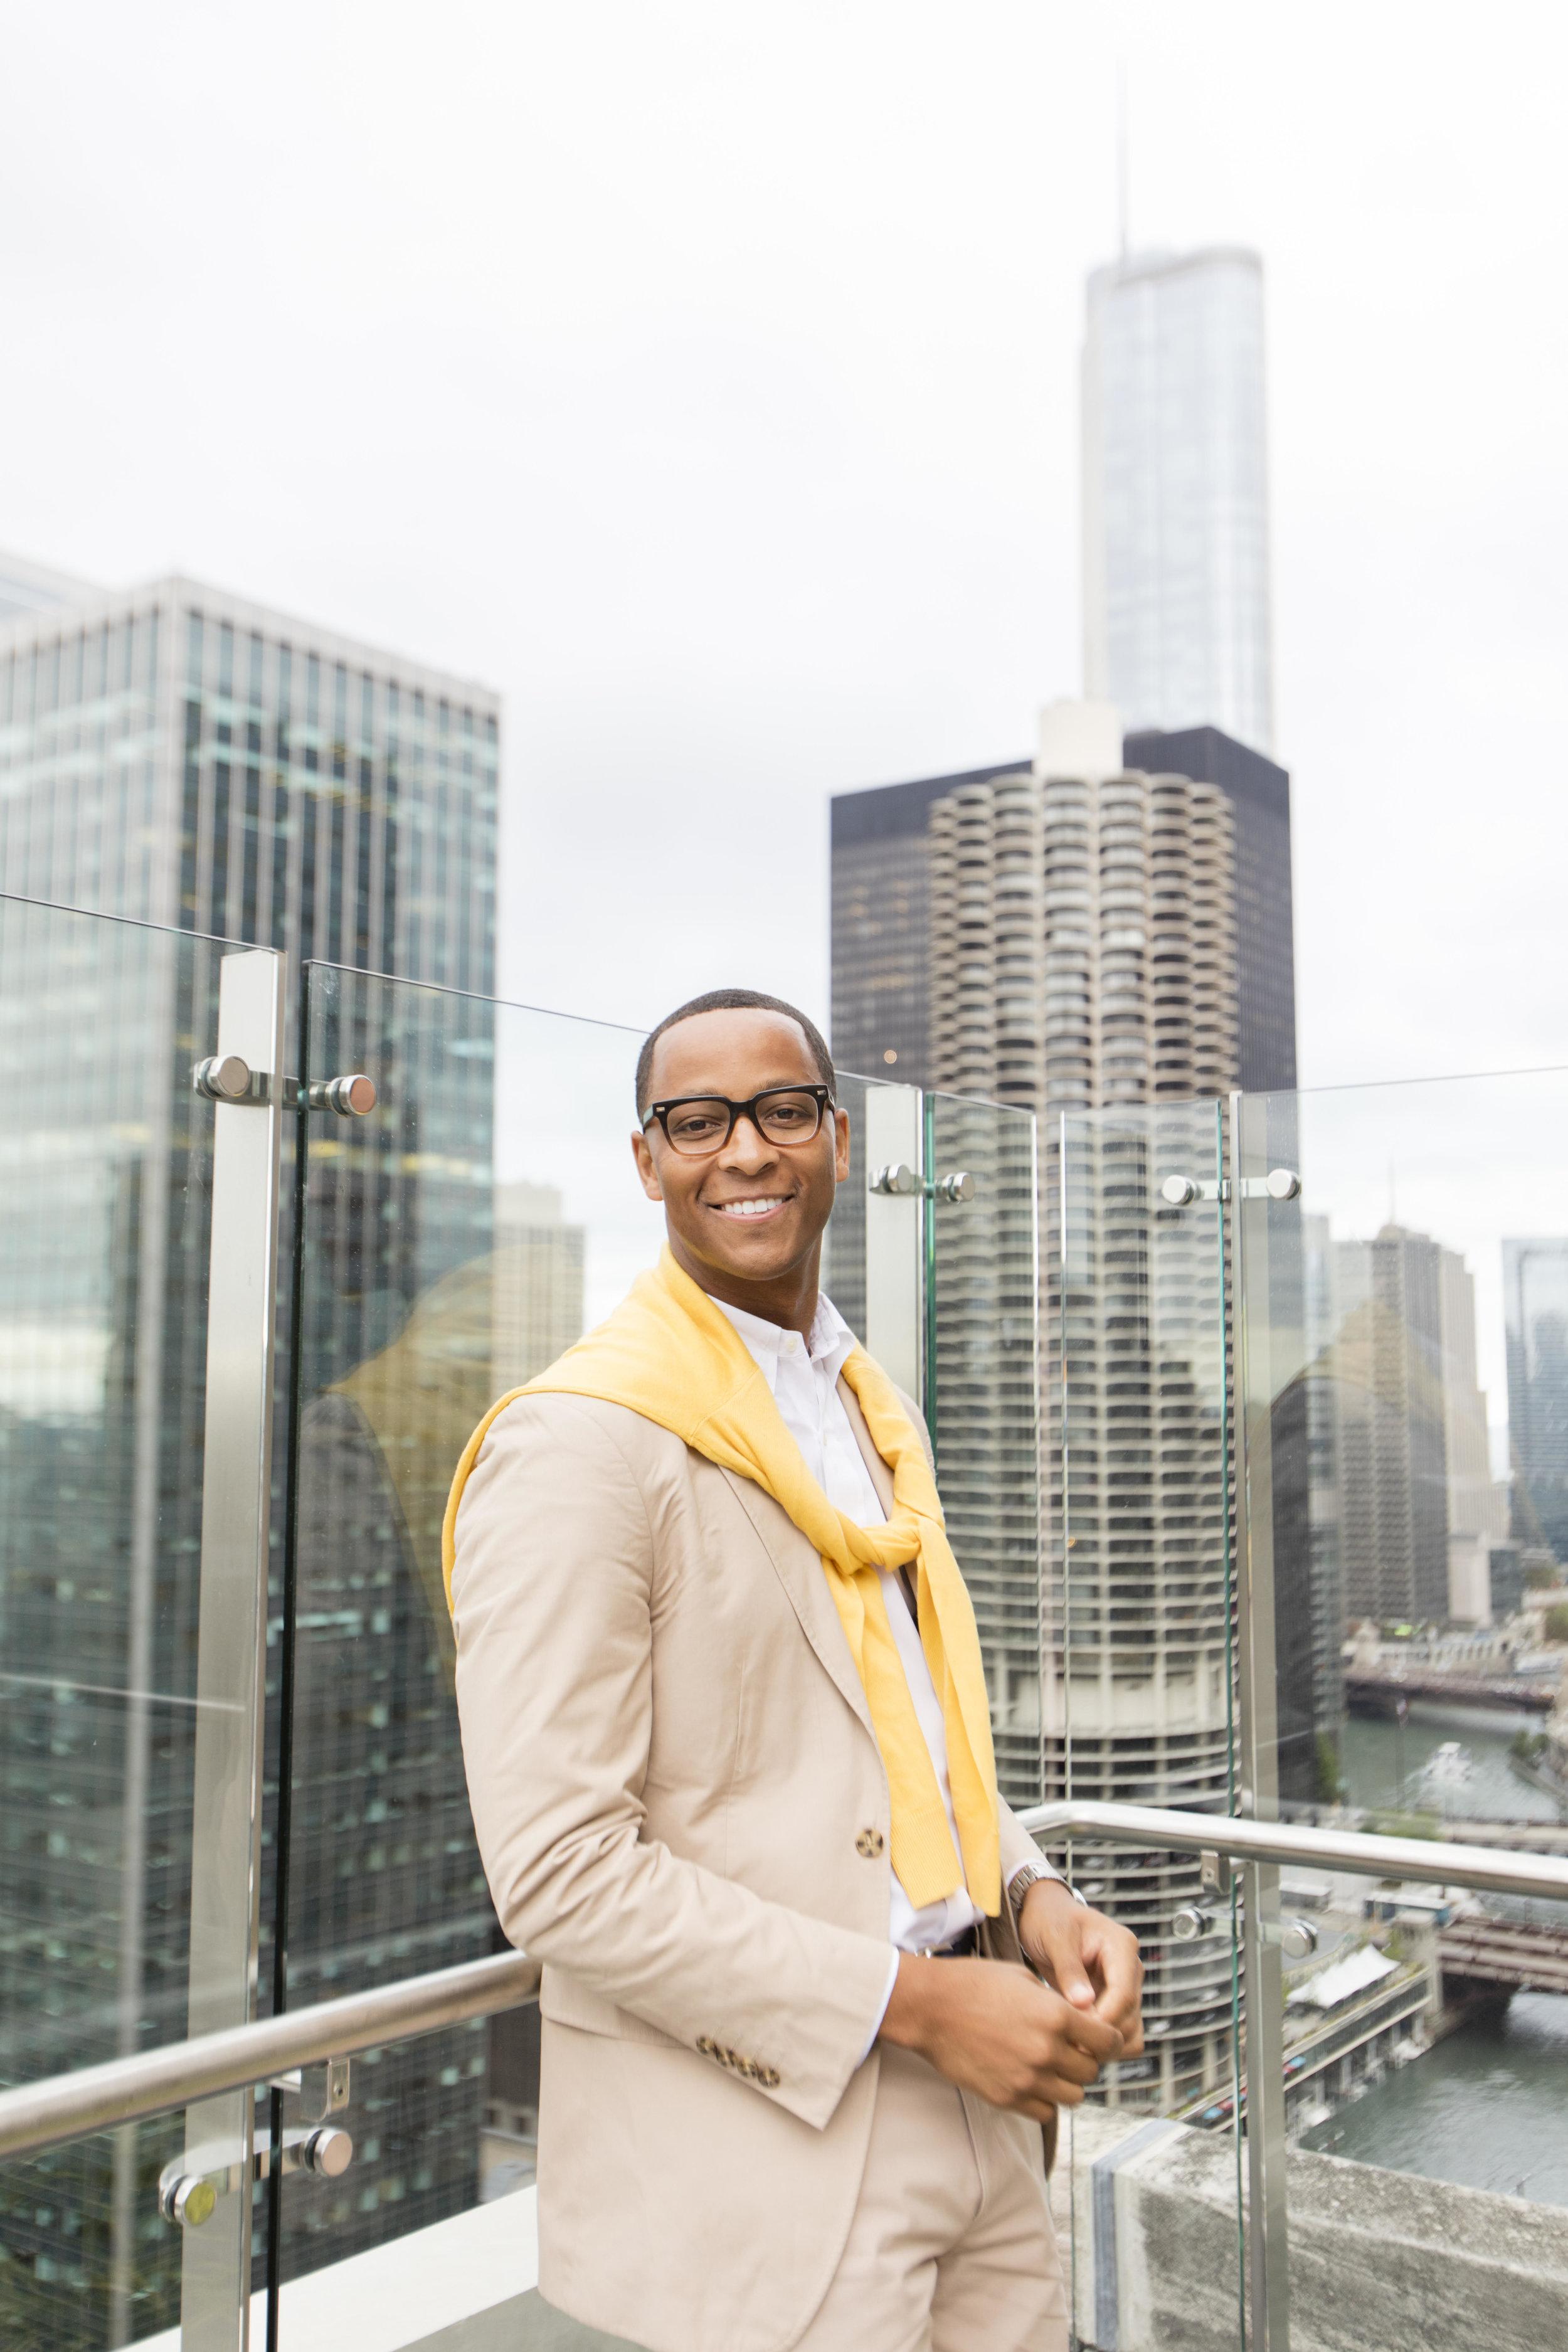 Chicago Headshot 4.jpg